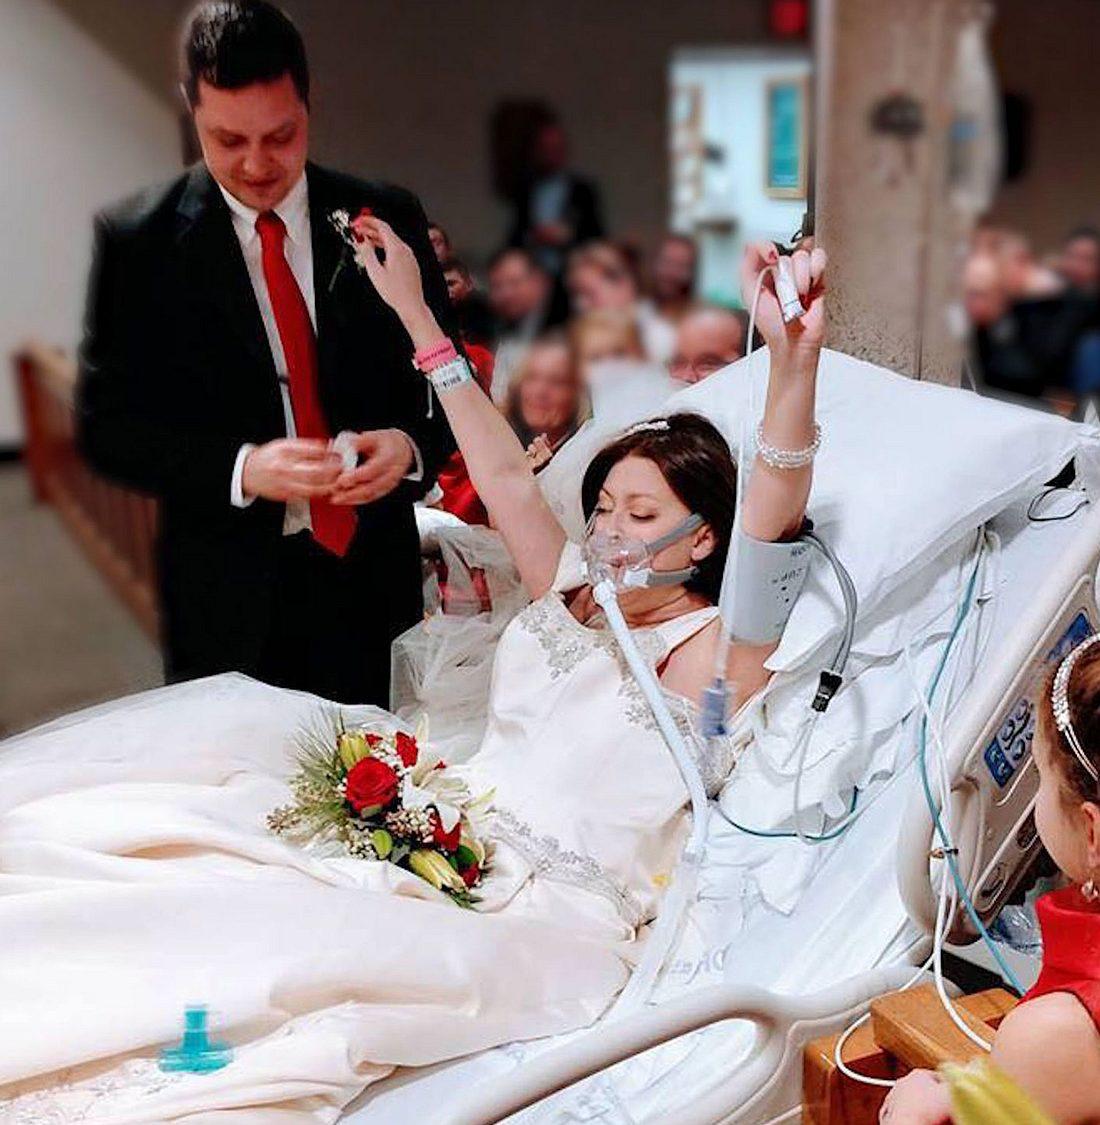 Krebspatientin heiratet auf Sterbebett - 18 Stunden später ist sie tot